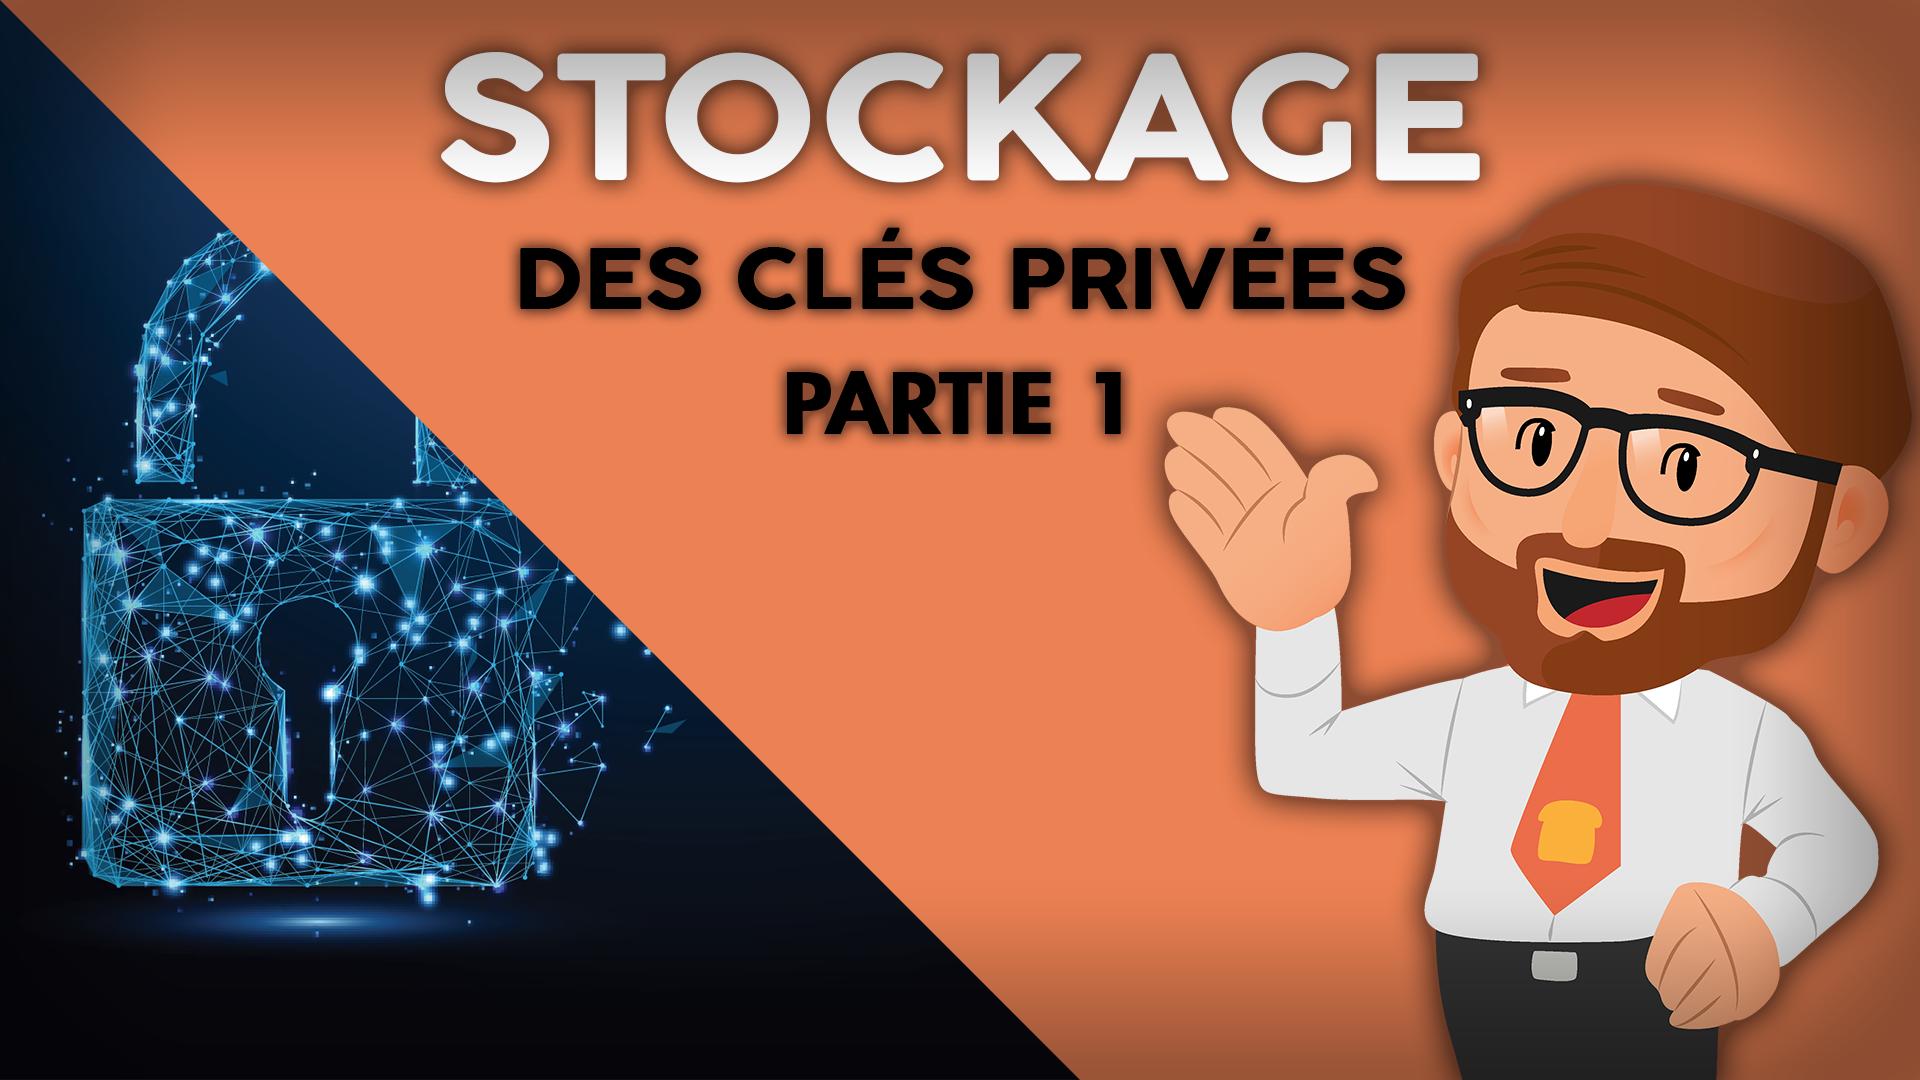 Vidéo - Stockage des clés privées - Partie 1